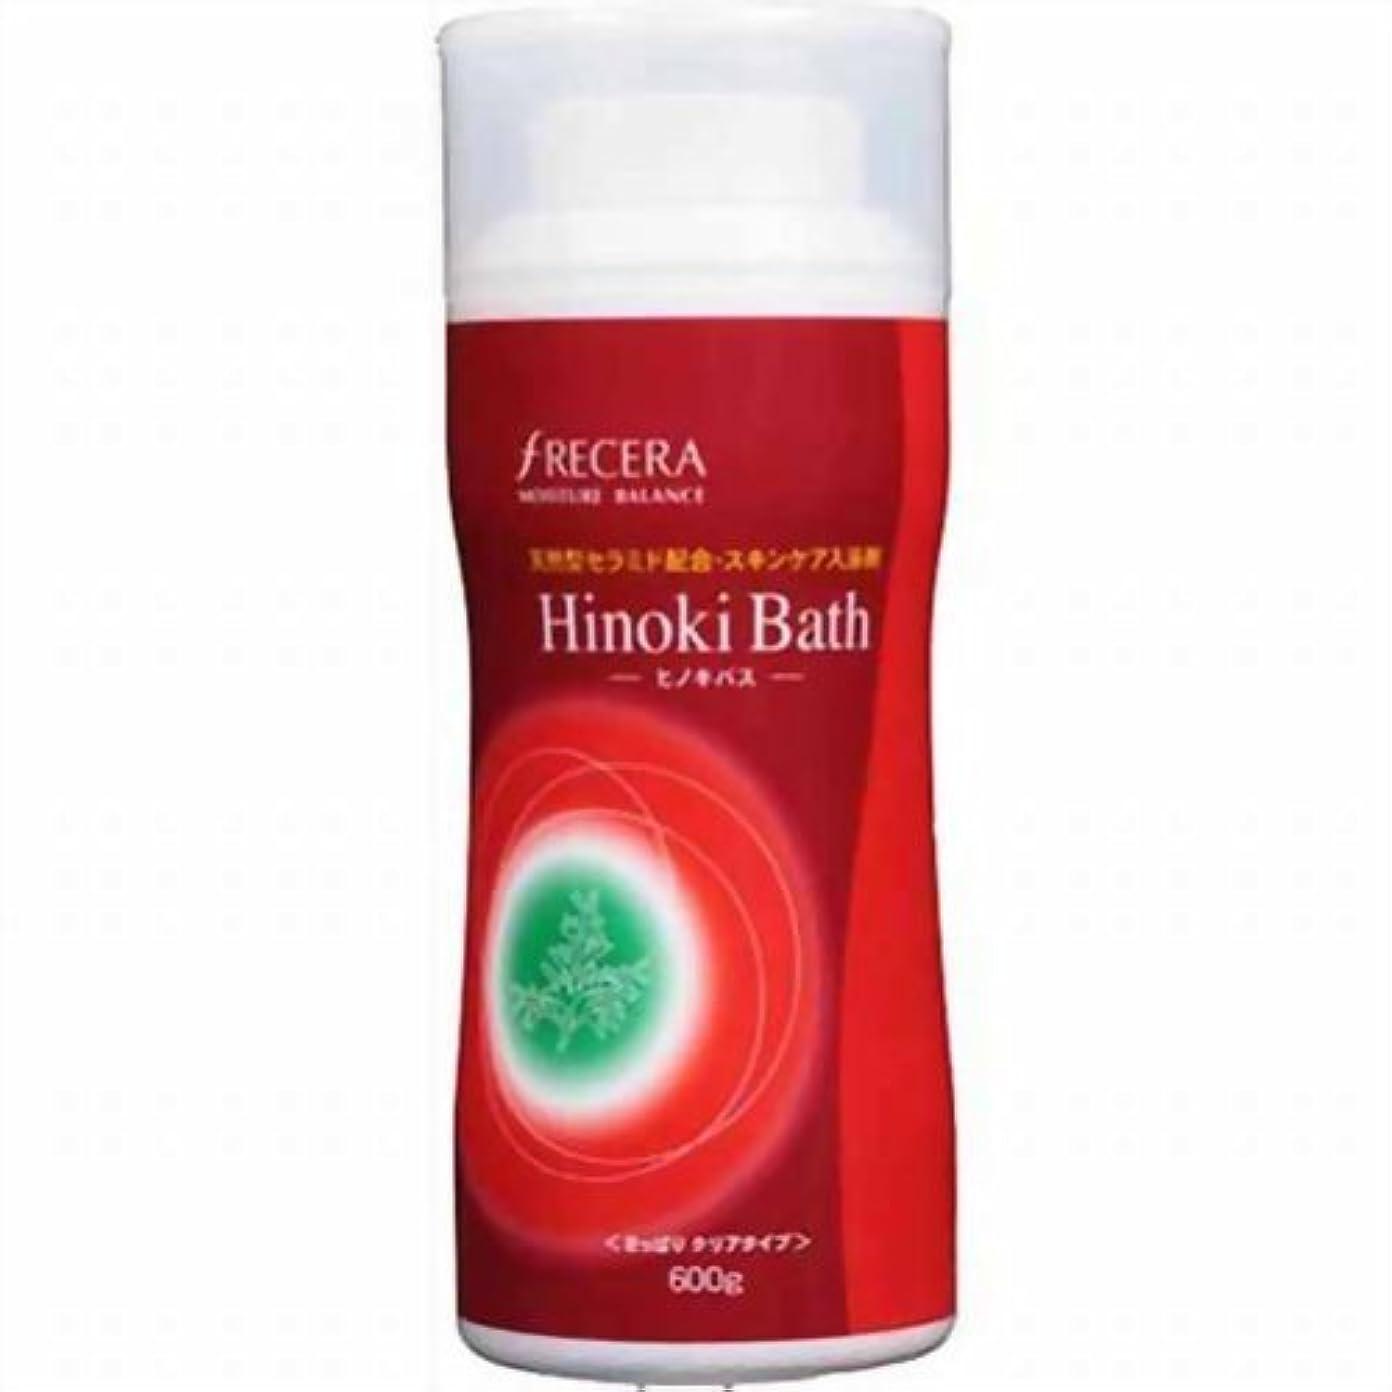 優先権適切に終了しましたフレッセラ セラミド入浴剤 ヒノキバス 600g